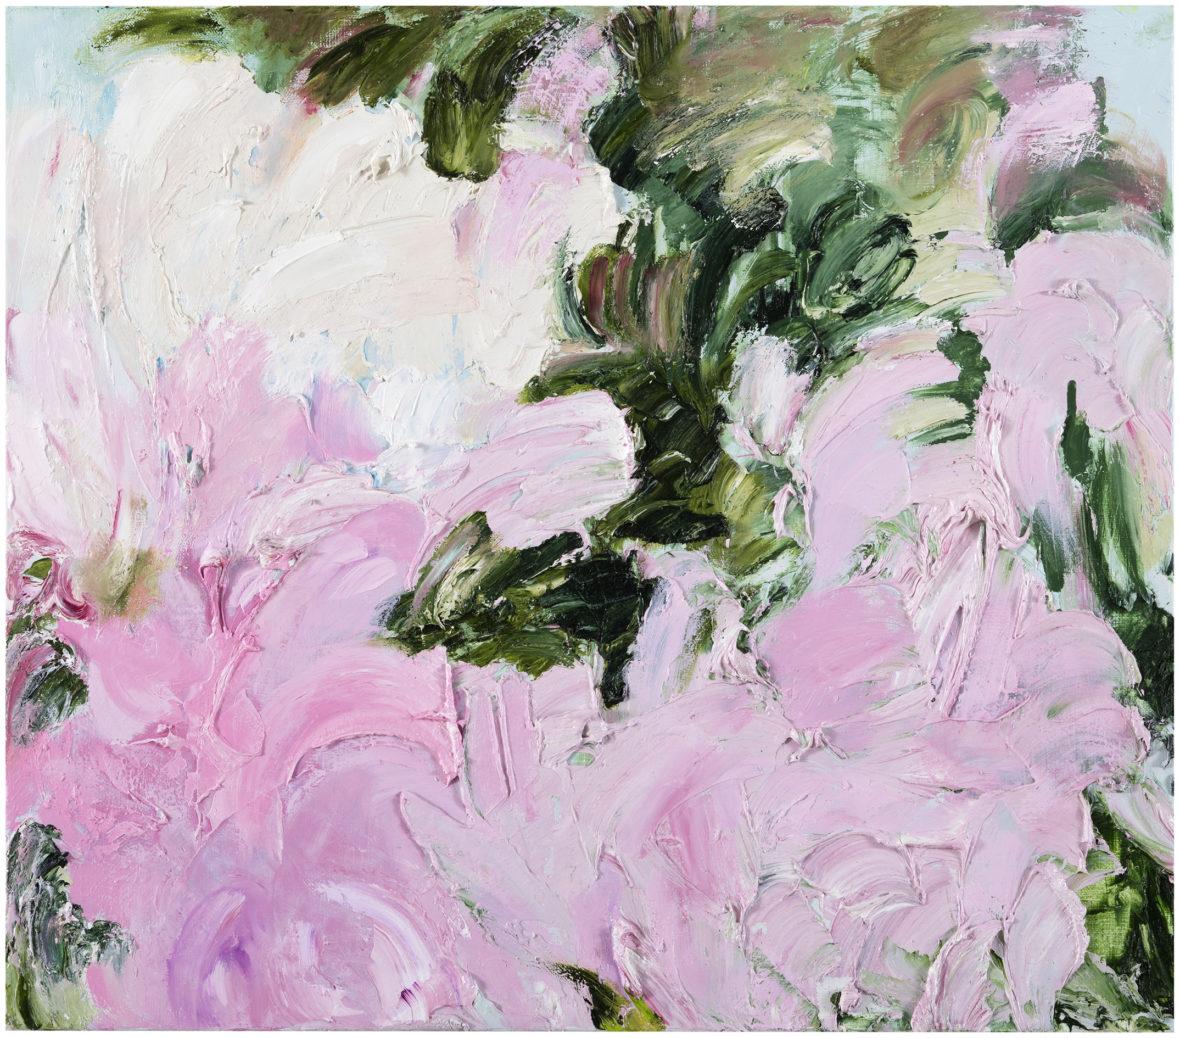 Vaaleanpunaisia ja vihreitä abstrakteja muotoja, paksua maalikerrosta.